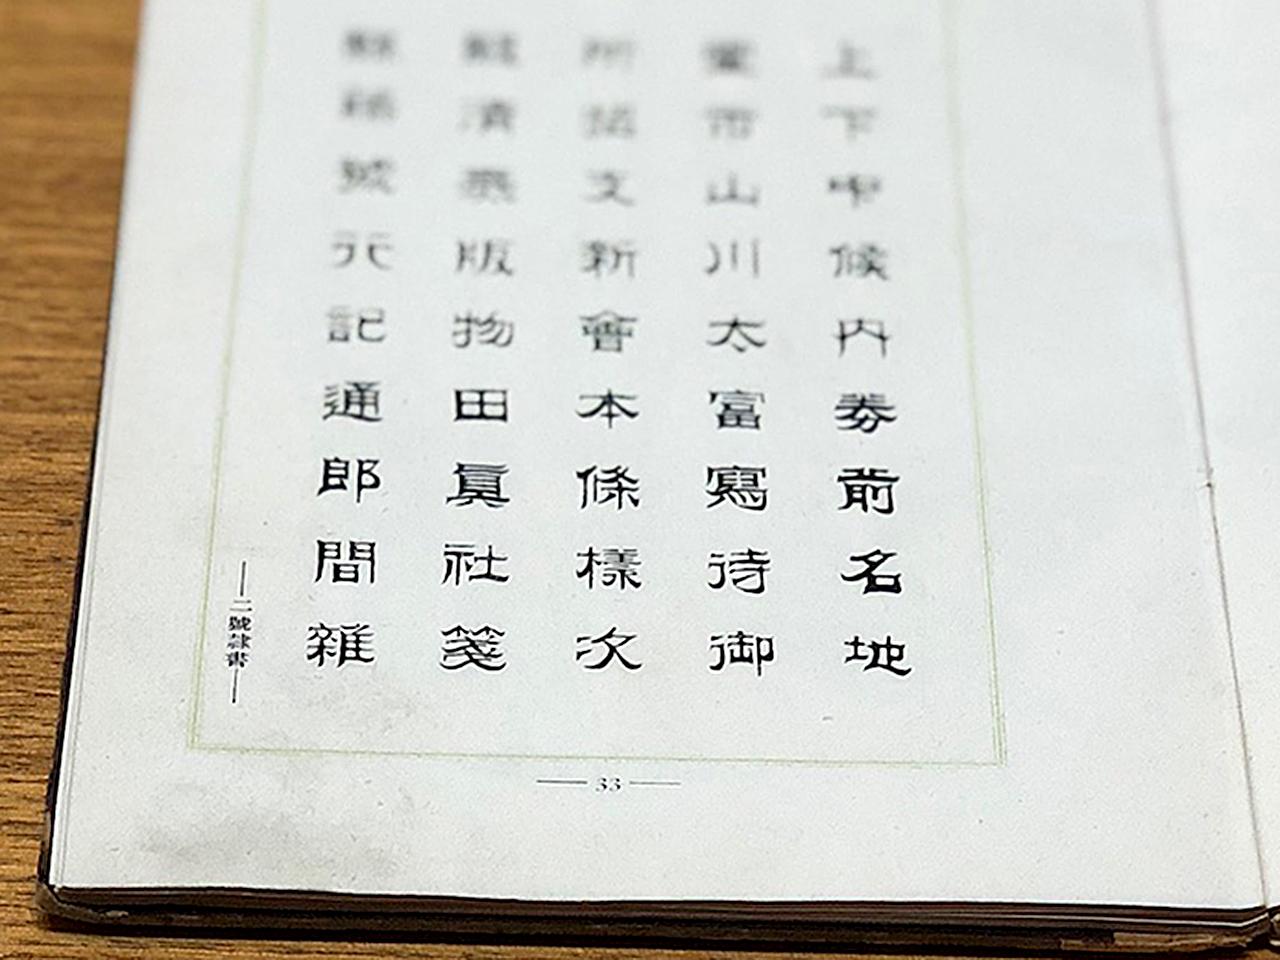 1927年「営業のしおり」 その5「楷書体・草書体・隷書体編」